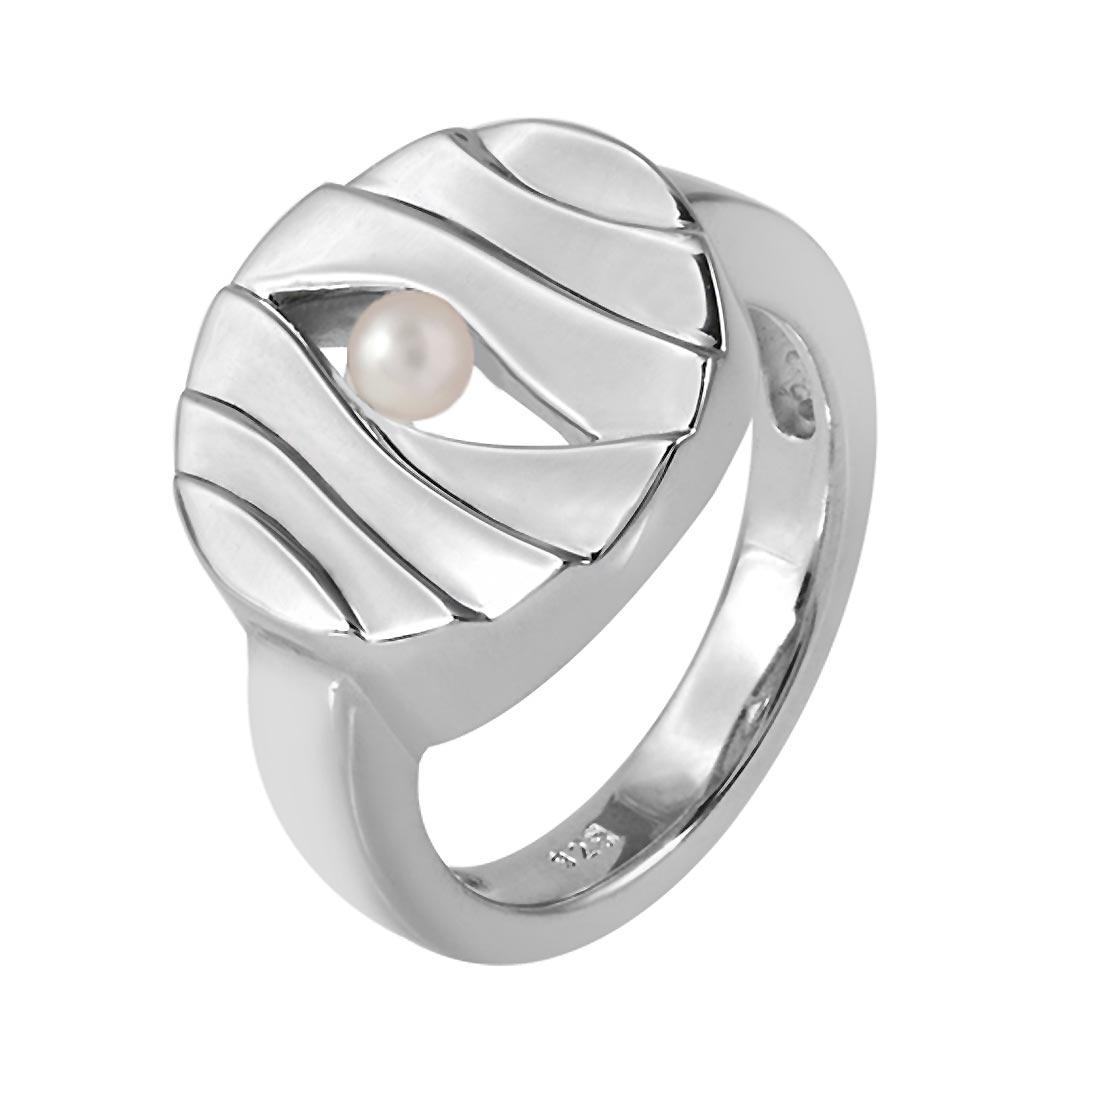 MATERIA Damen Perlen-Ring Silber 925 rhodiniert gewellt